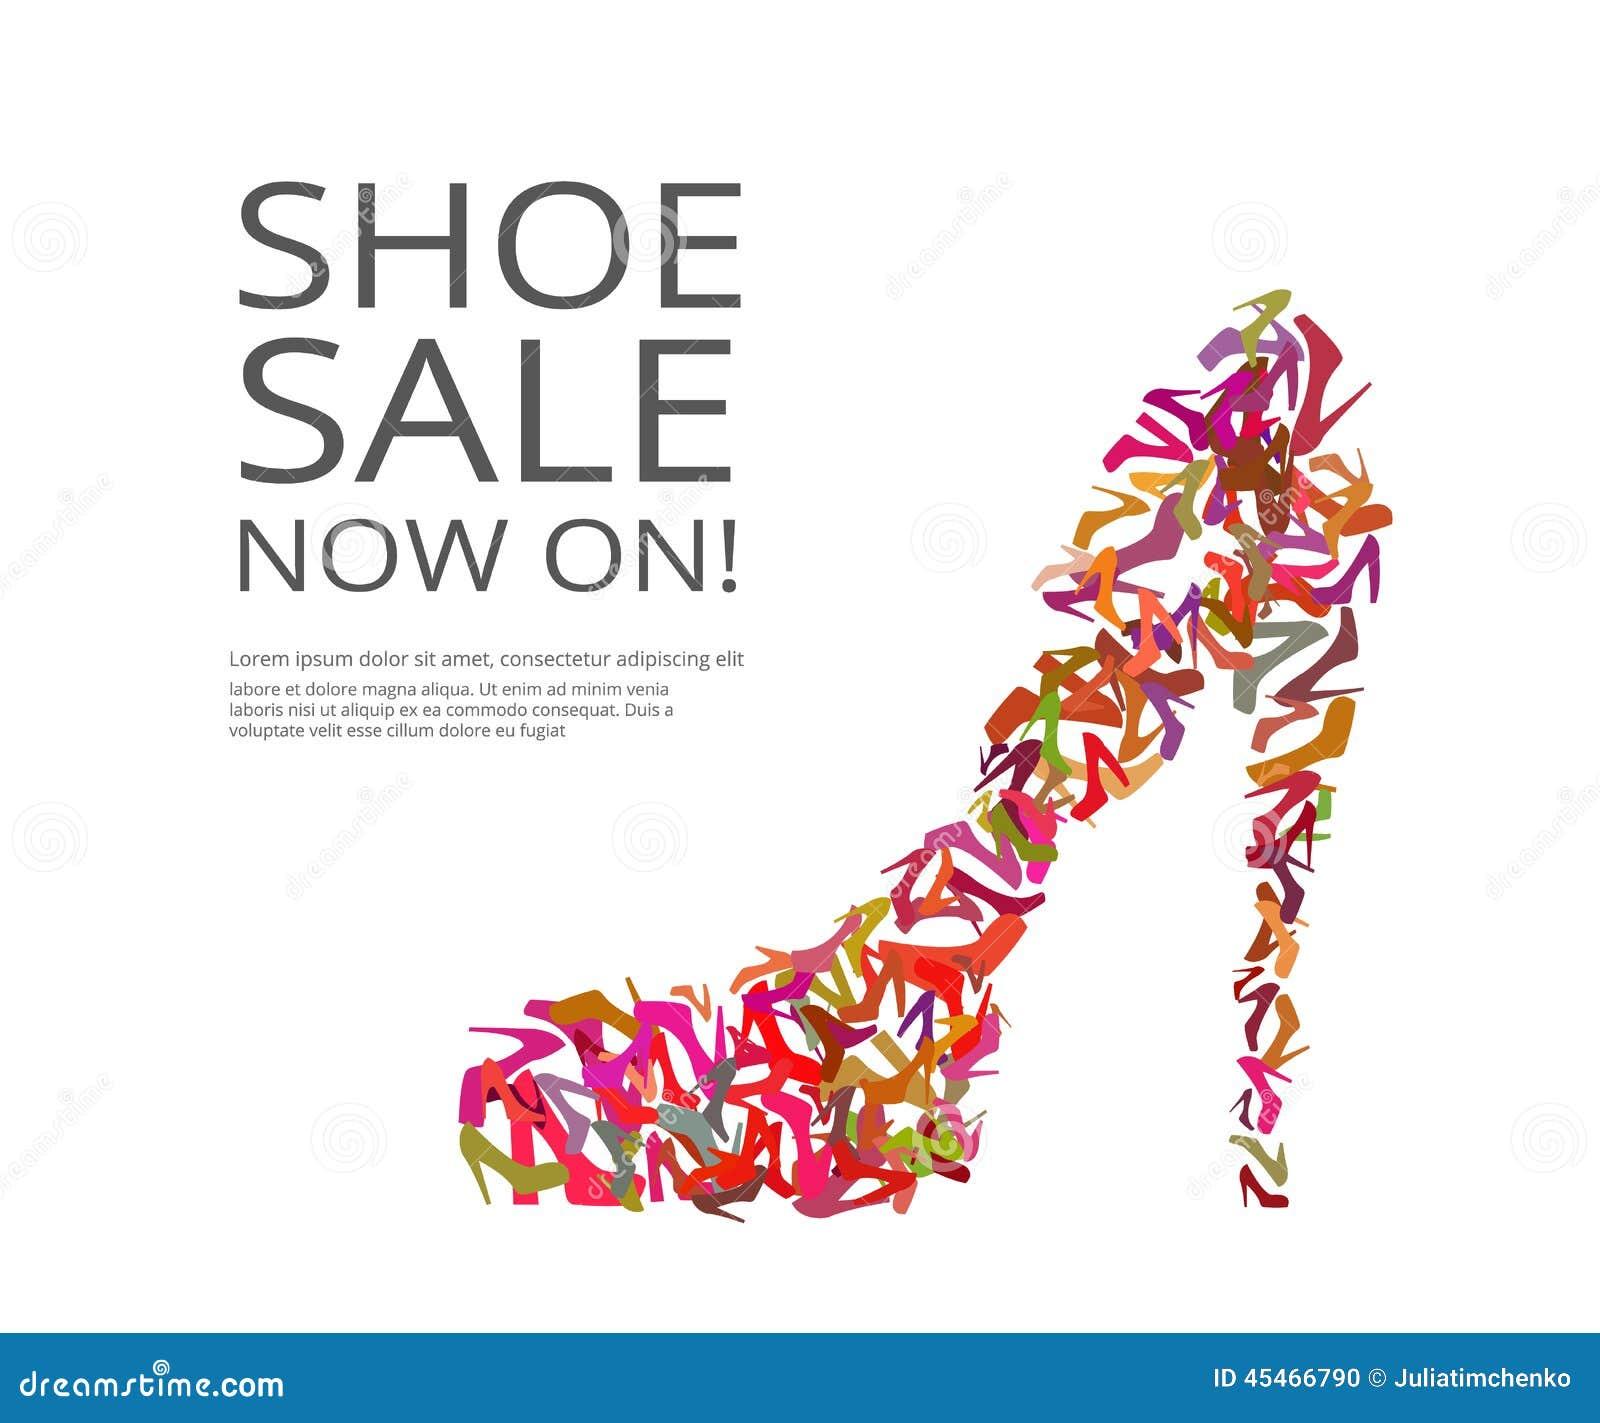 Shoe Sale Quotes